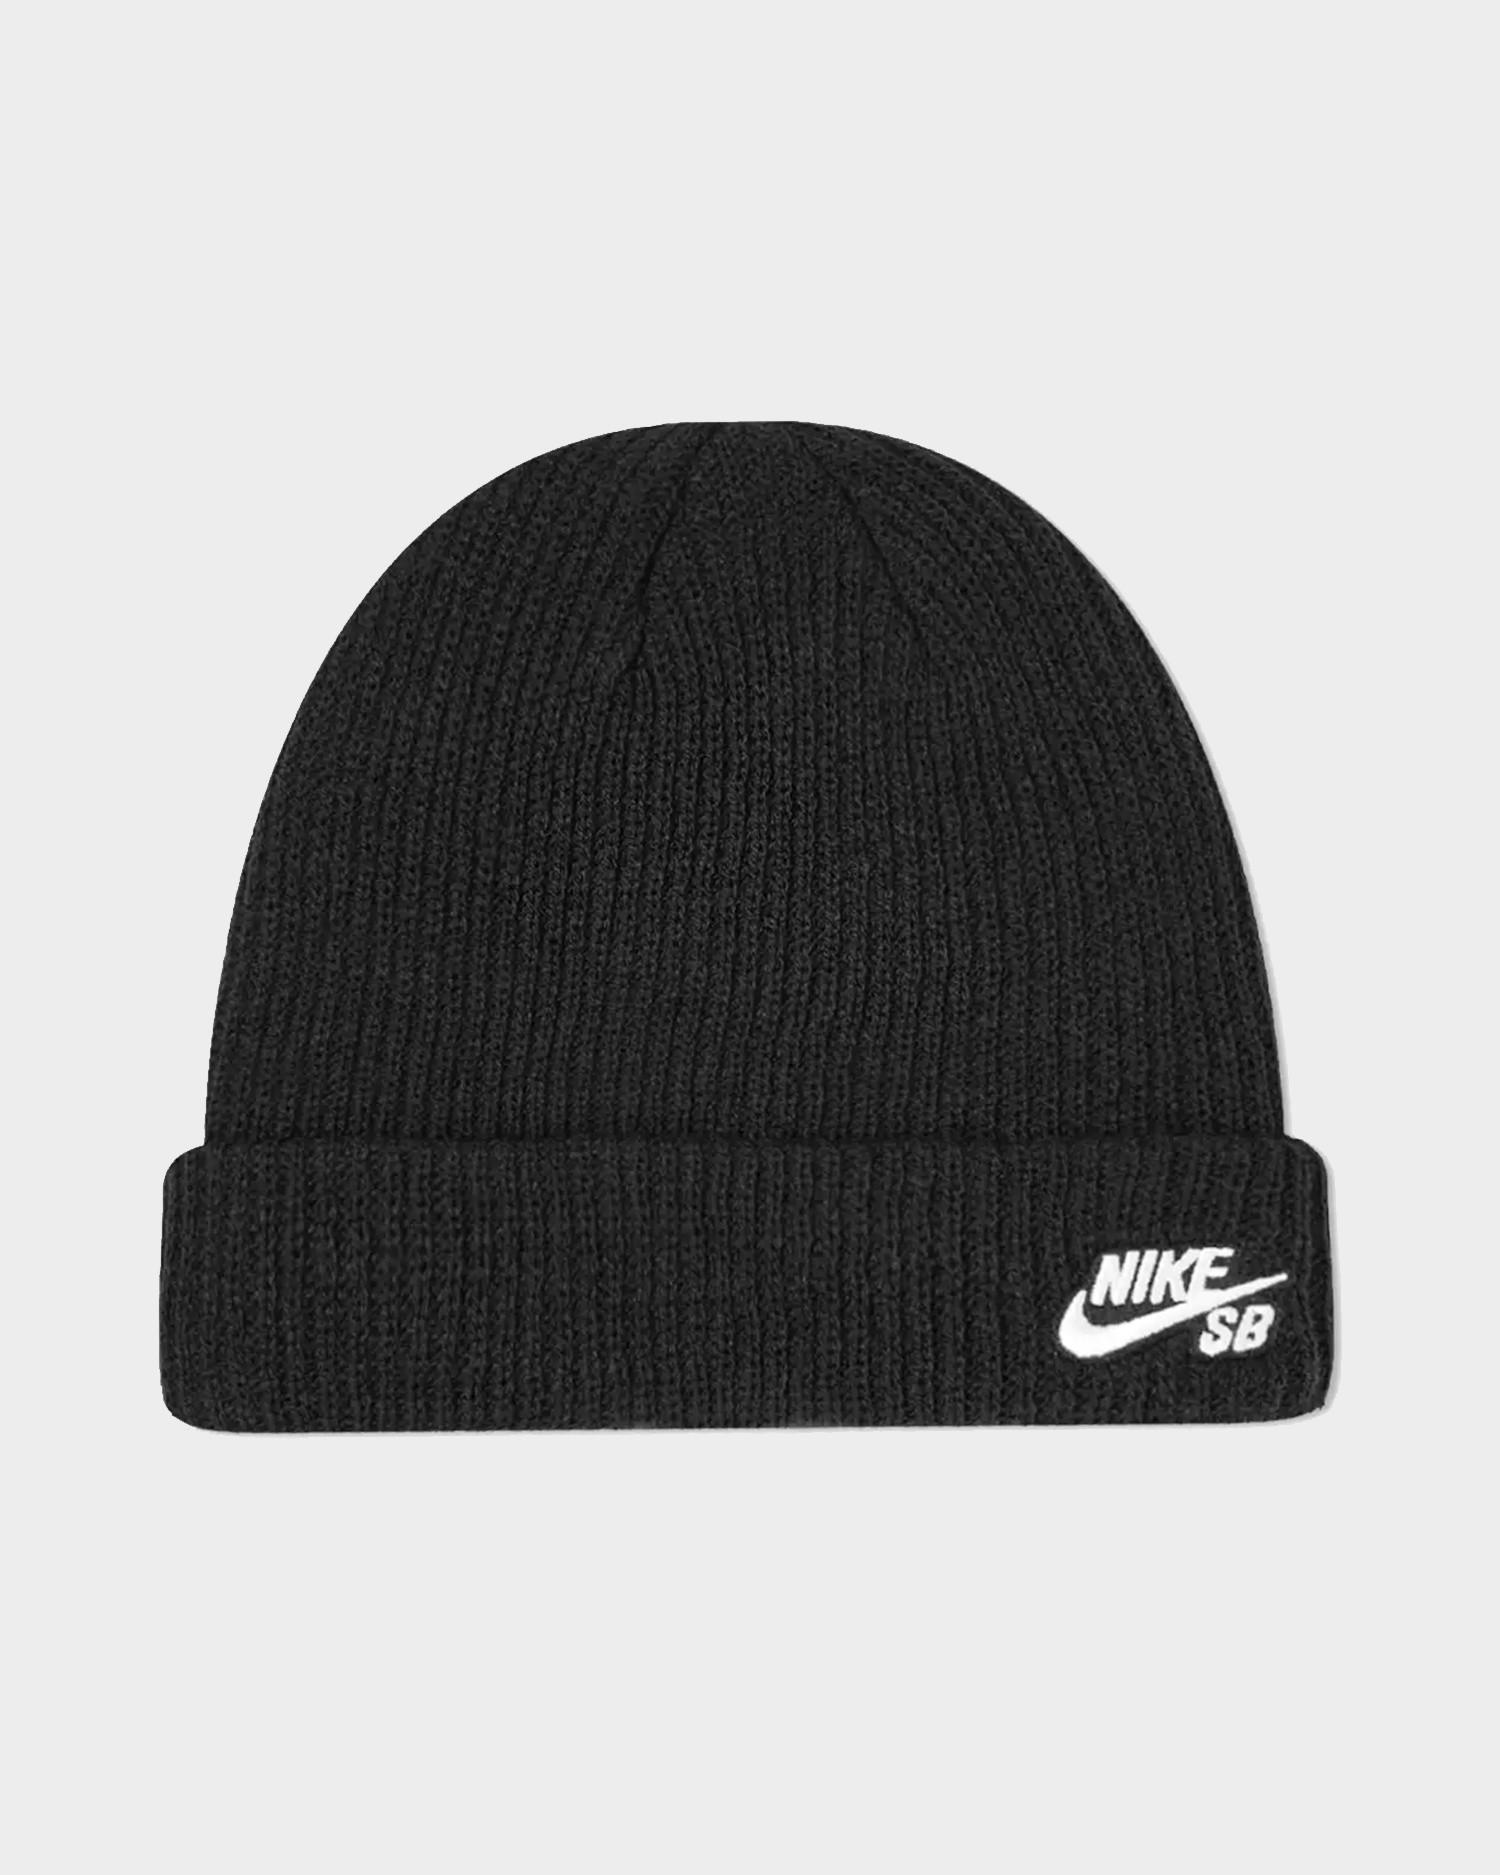 Nike SB Beanie Black